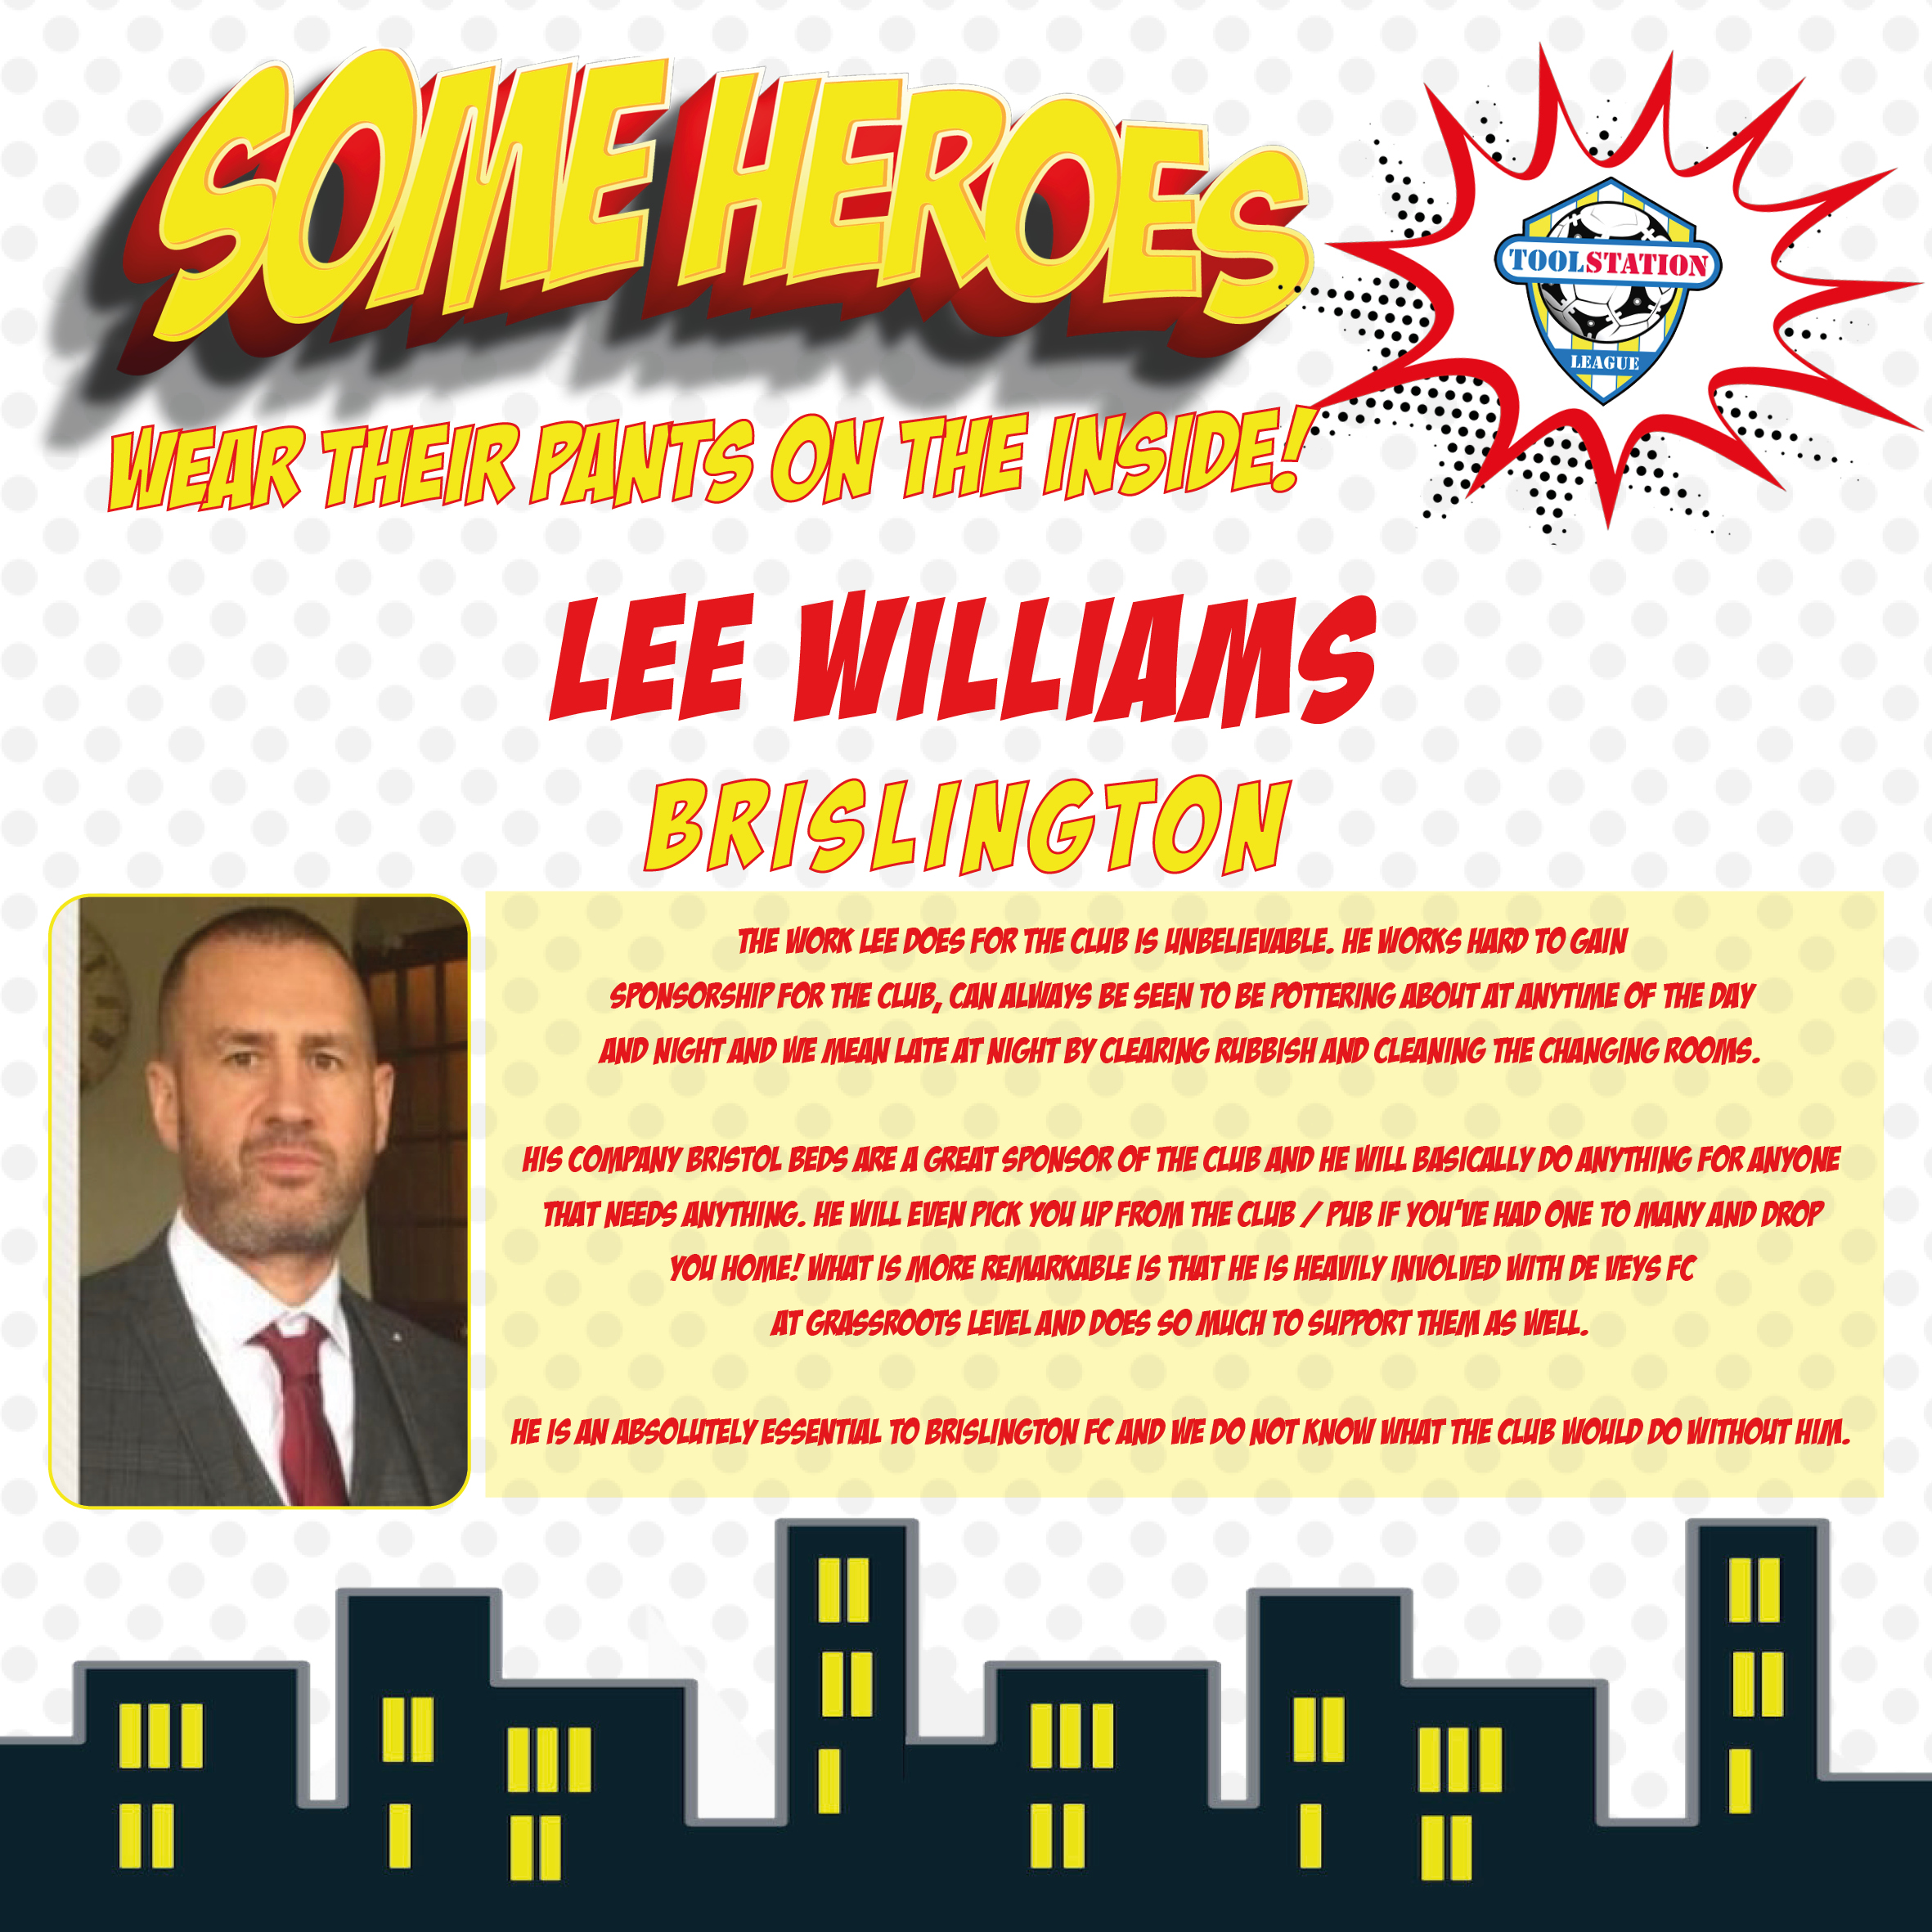 Lee Williams - Brislington